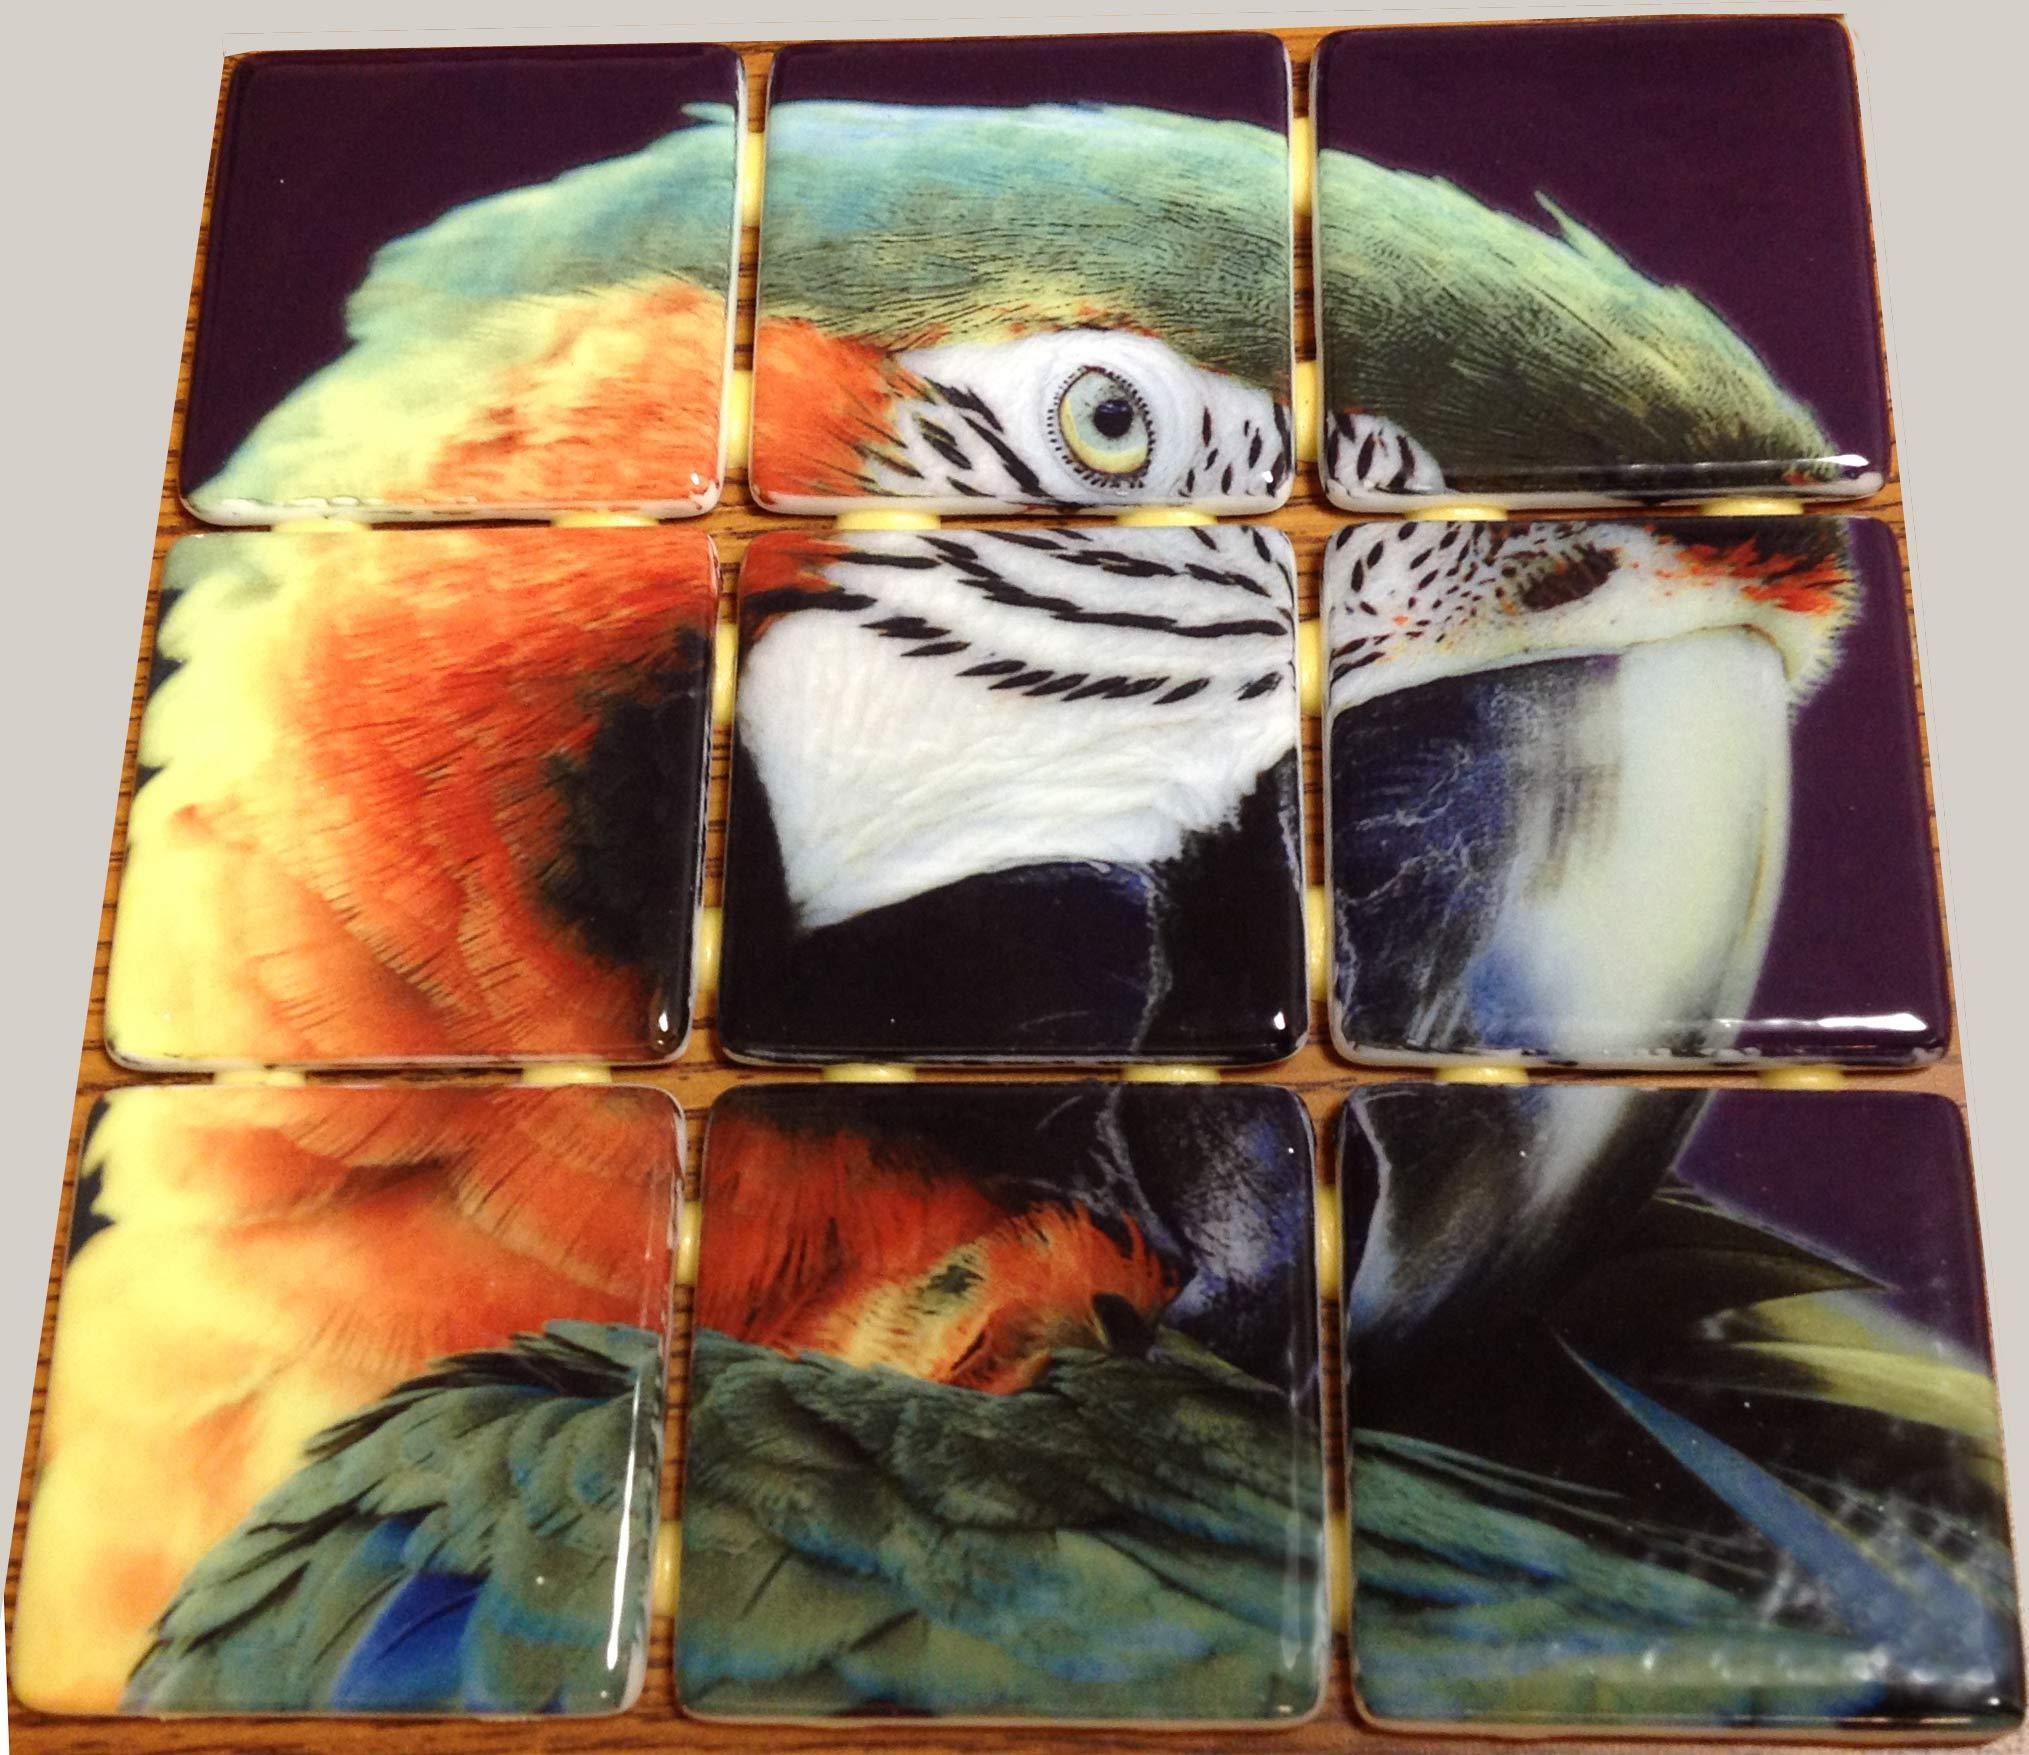 Custom glass tile mural 2 x2 glass mosaic tiles which a for Custom mosaic tile mural